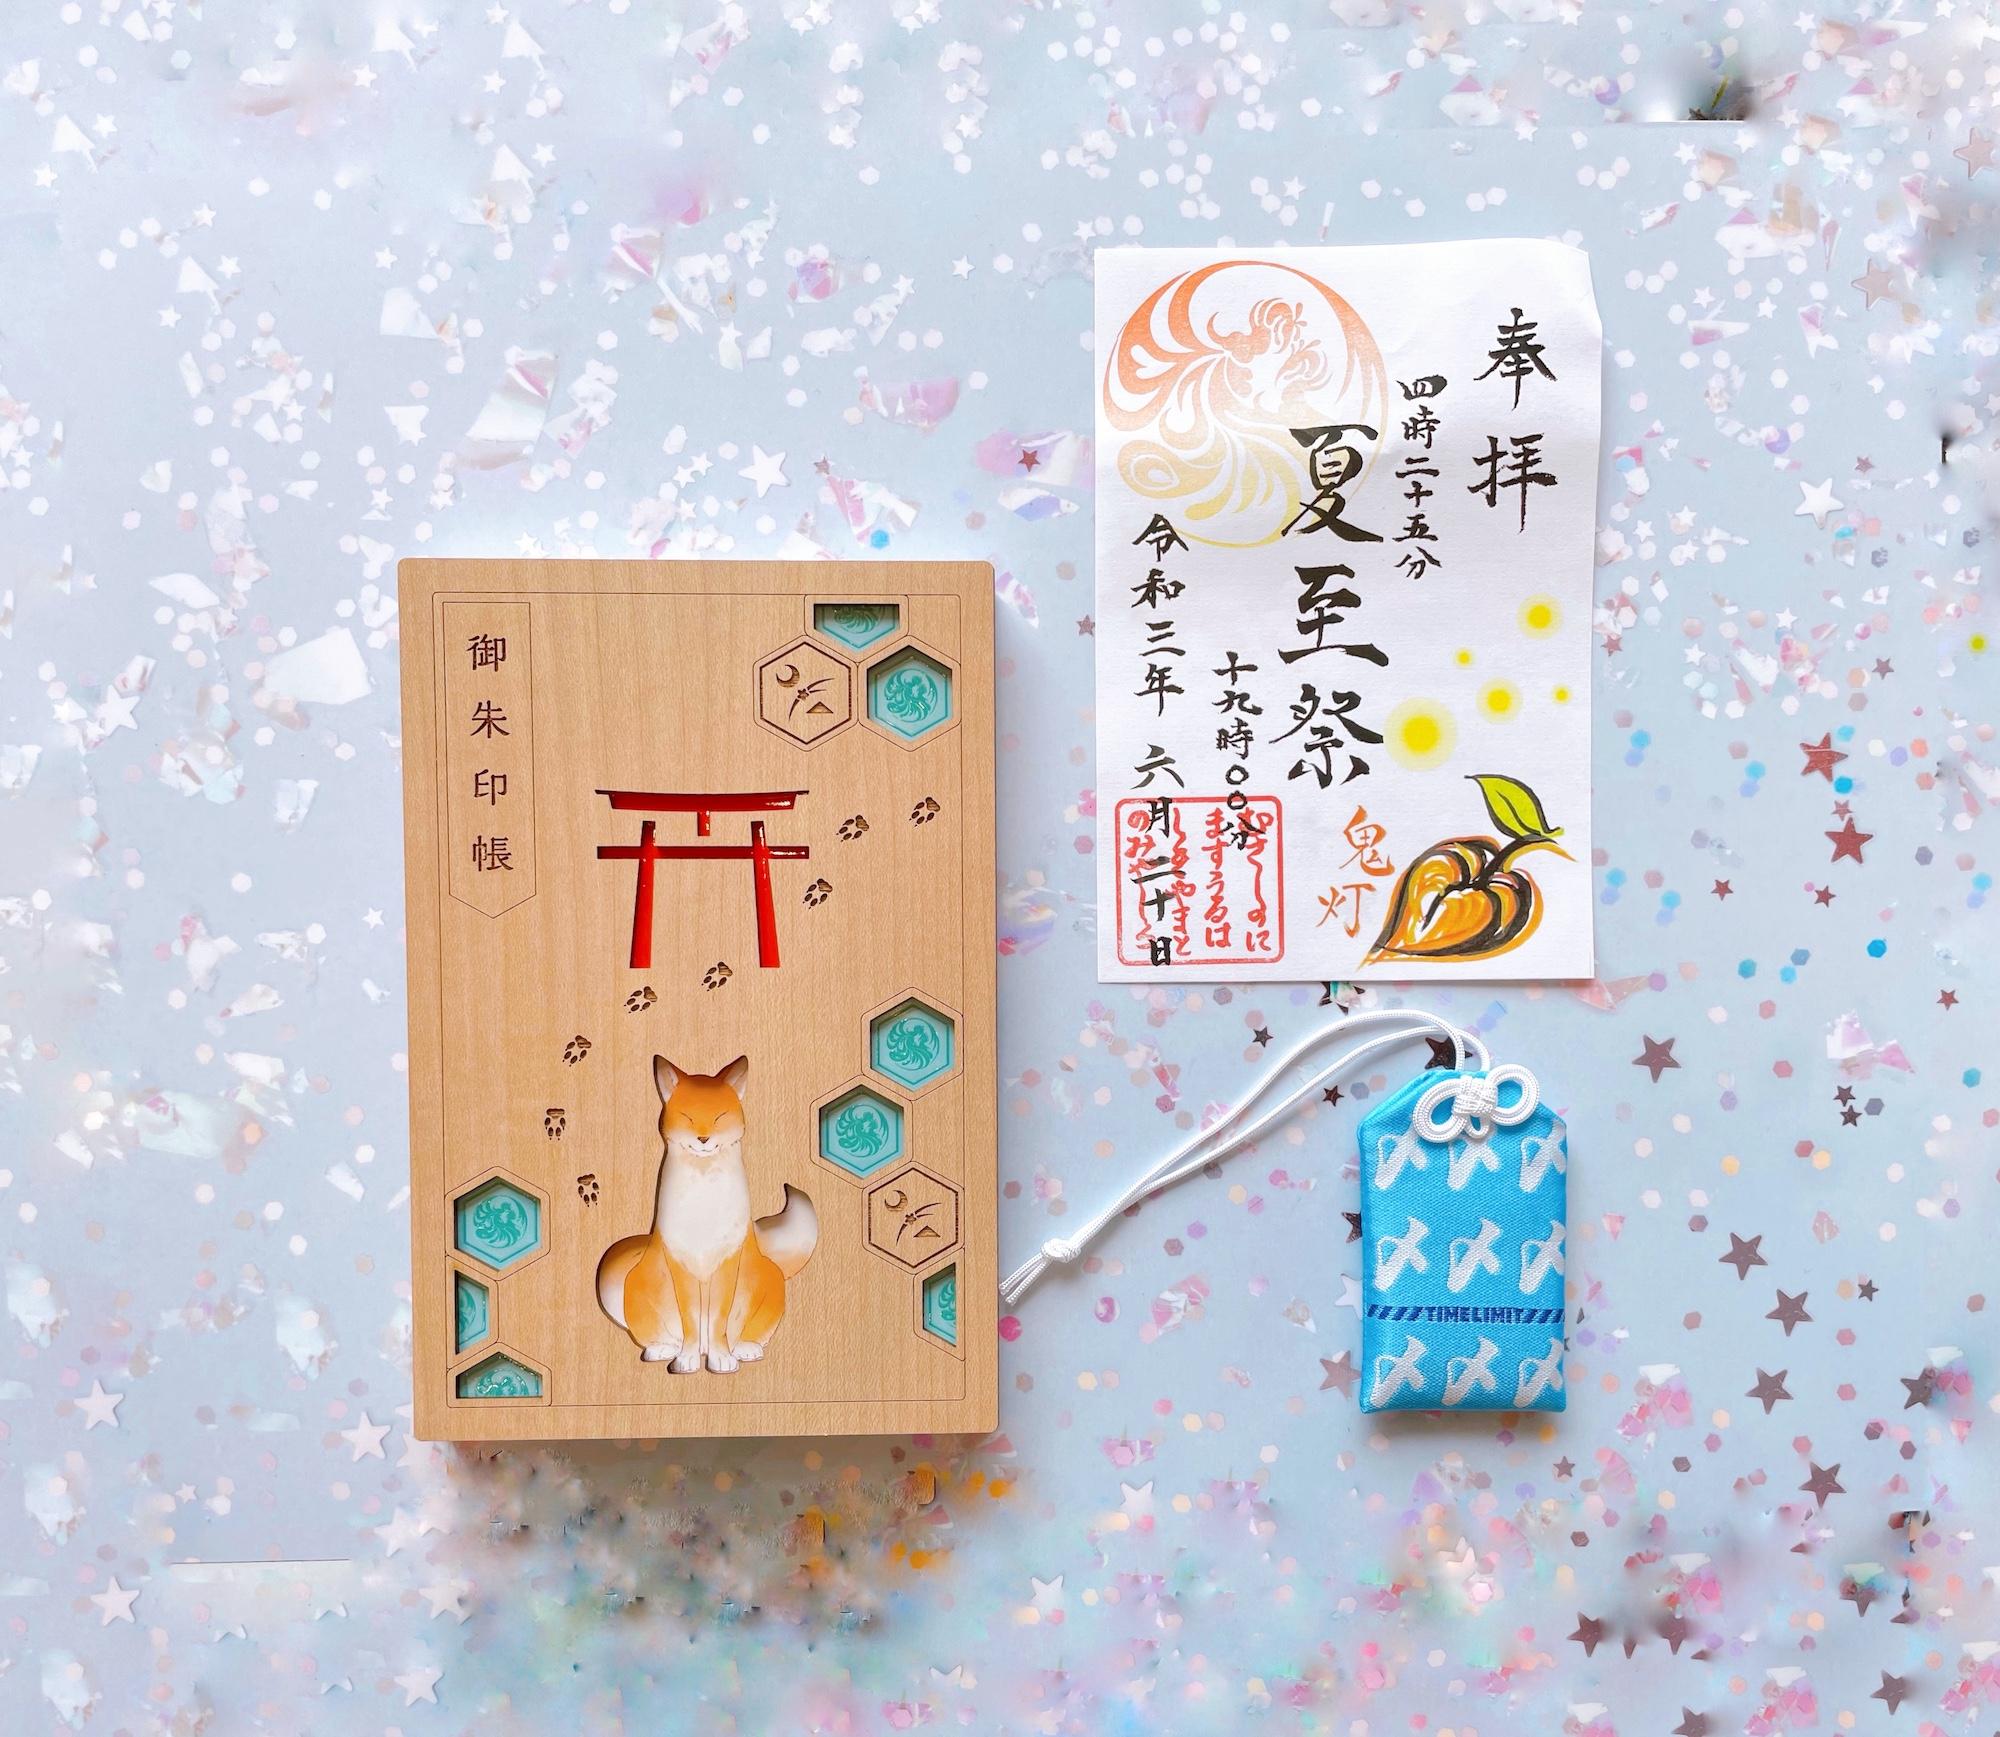 角川武蔵野ミュージアム周辺で、大人も楽しめる観光スポット周遊♪_7